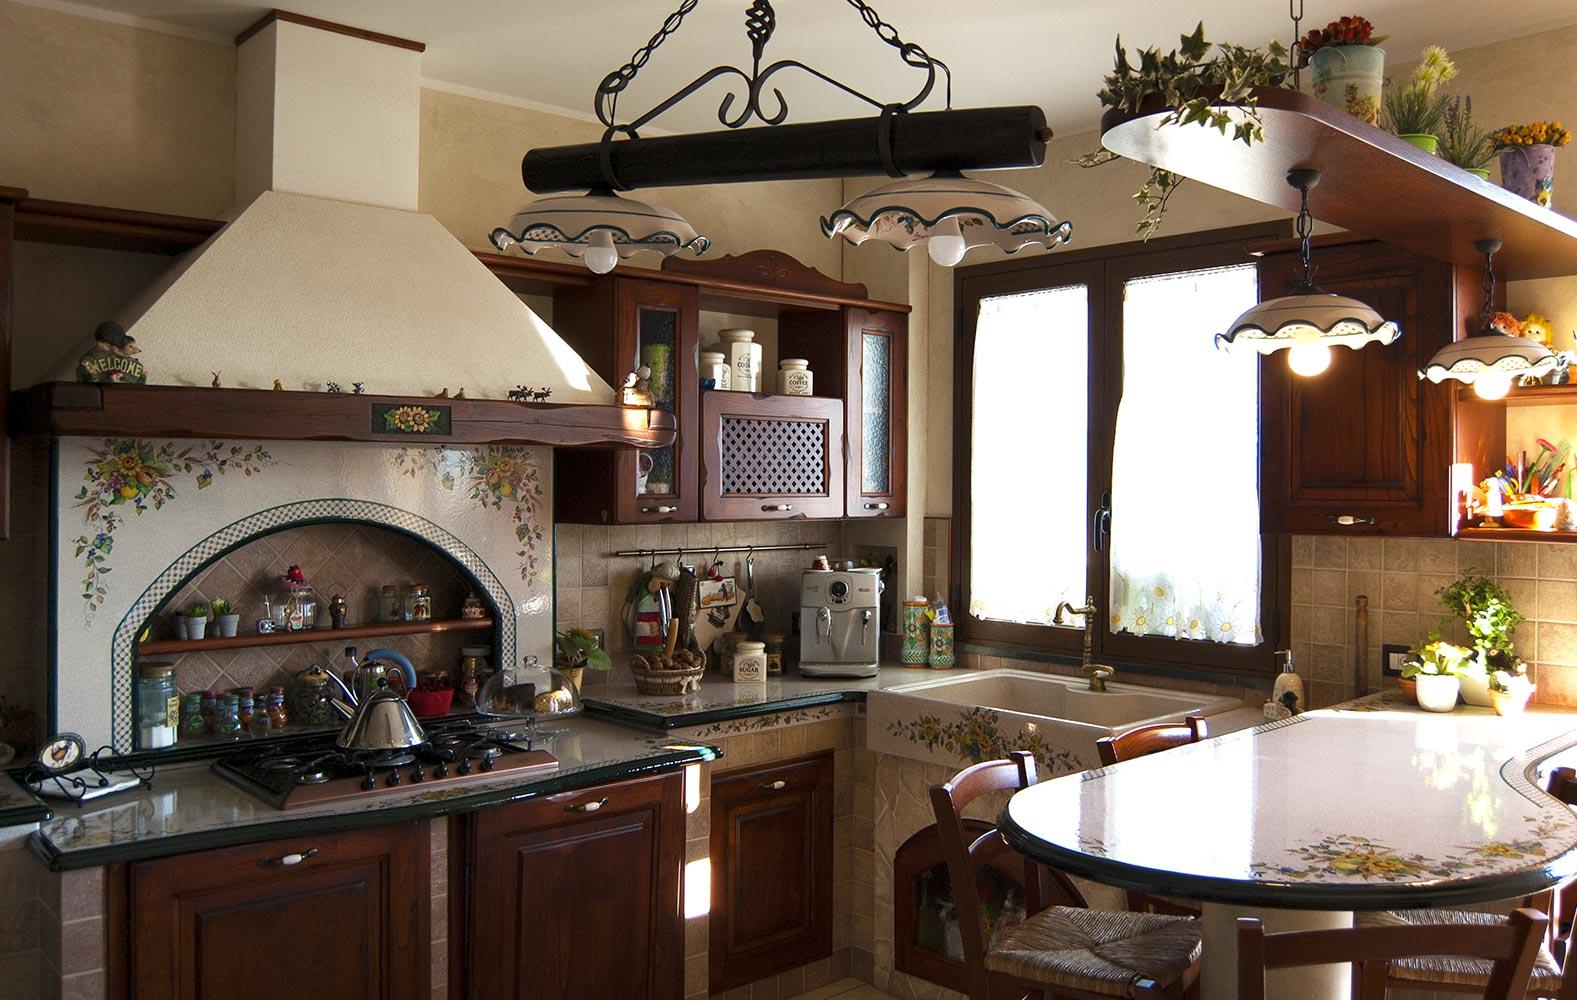 Cucine Rustiche in muratura smontabile Modello Treviso